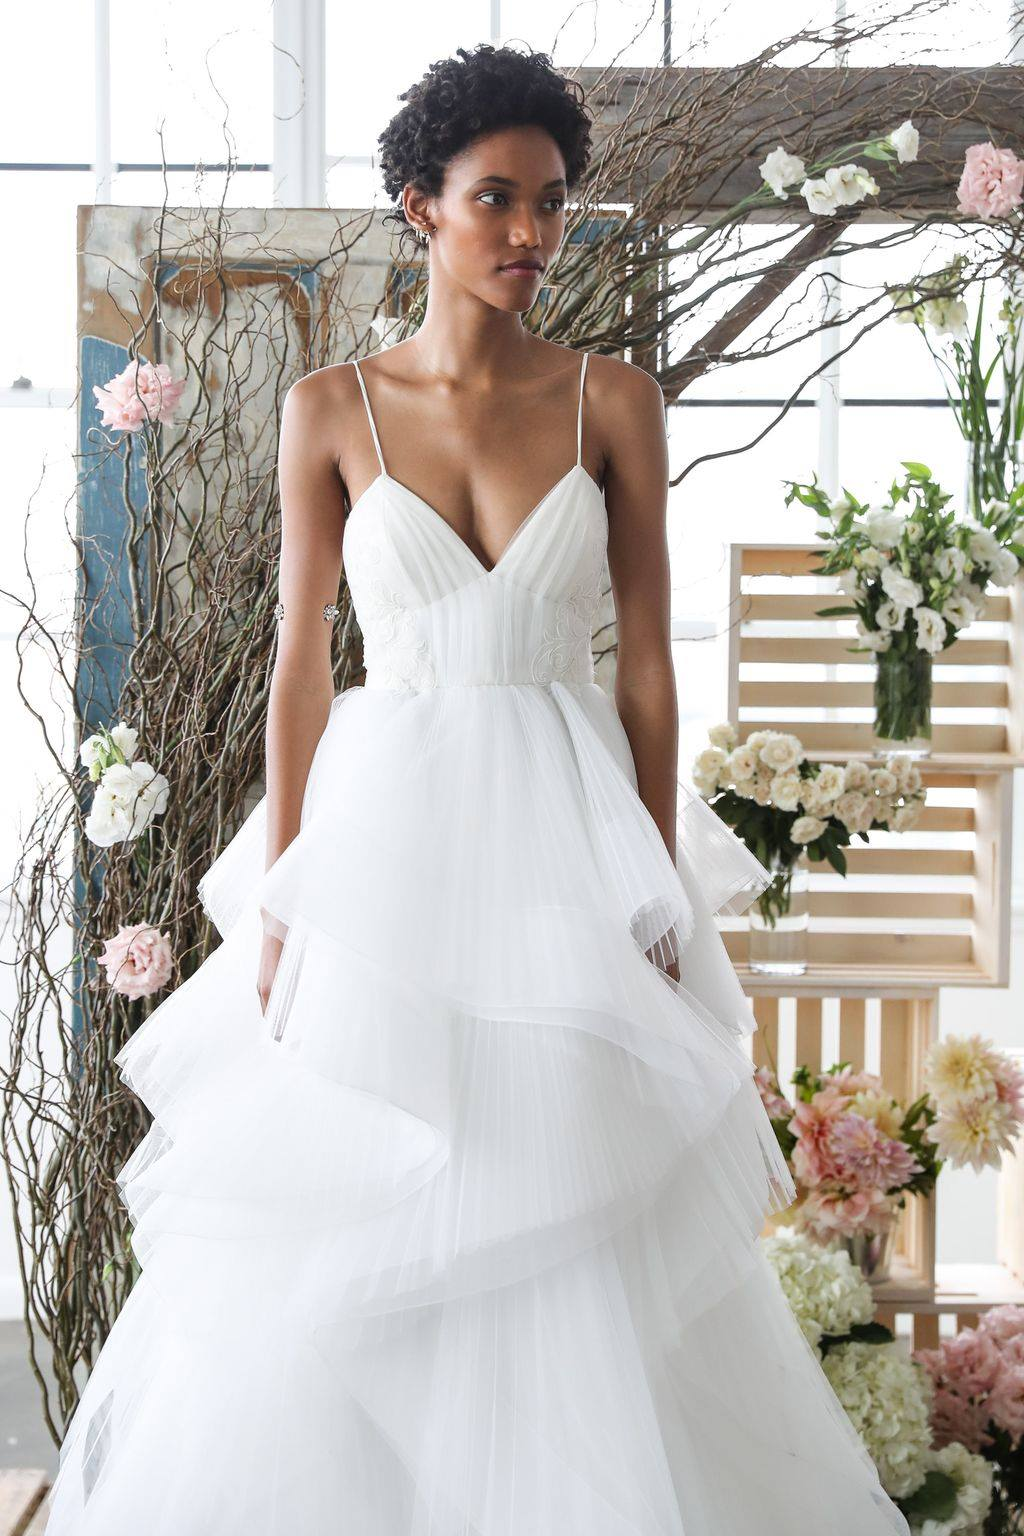 Modele de rochie de mireasa - Rochie volane - Wedding Consulting by Marian Ionescu